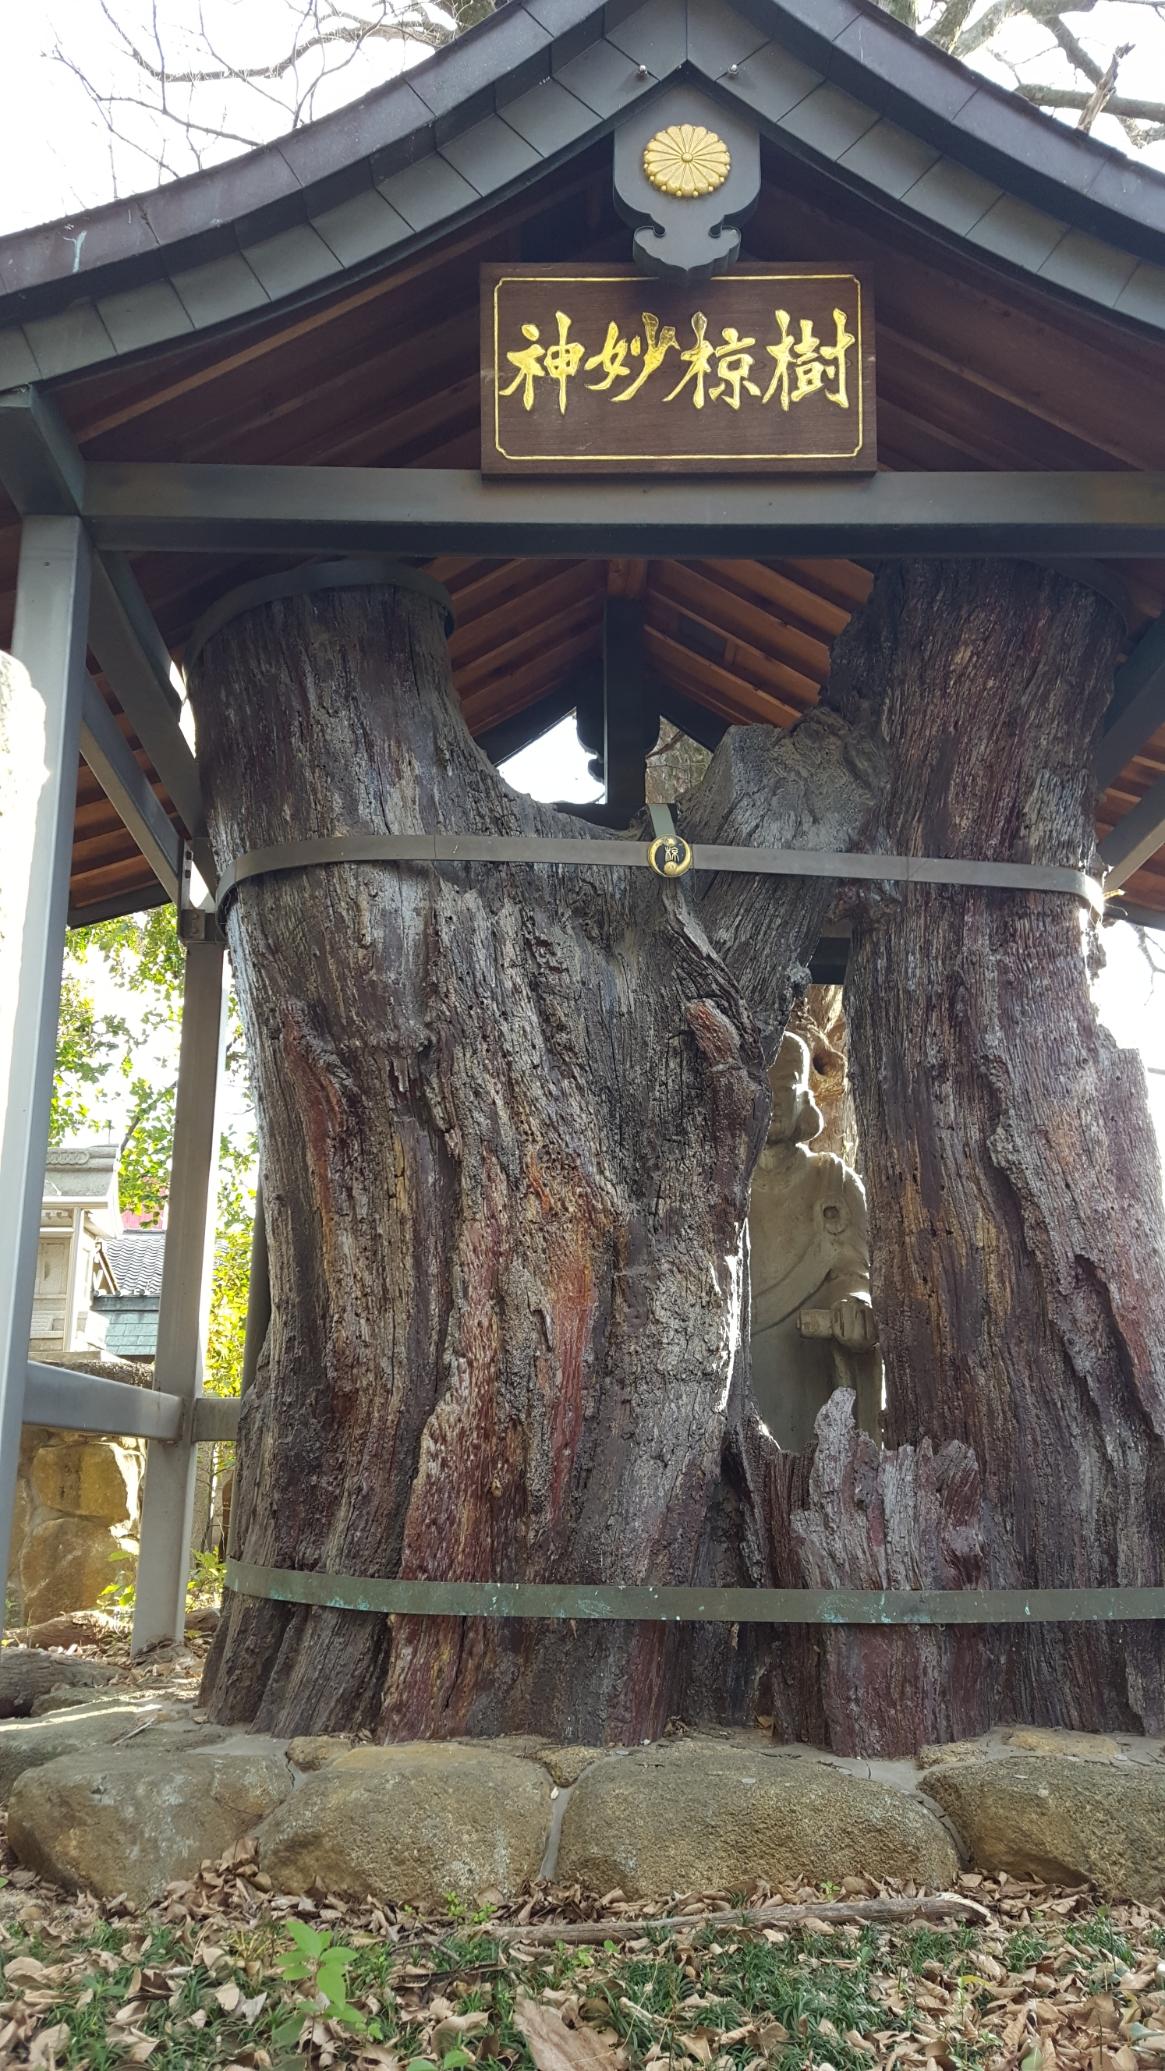 この「神妙椋樹」を近くで観ると、上記を再現した木の中の聖徳太子像を観る事が出来ます。